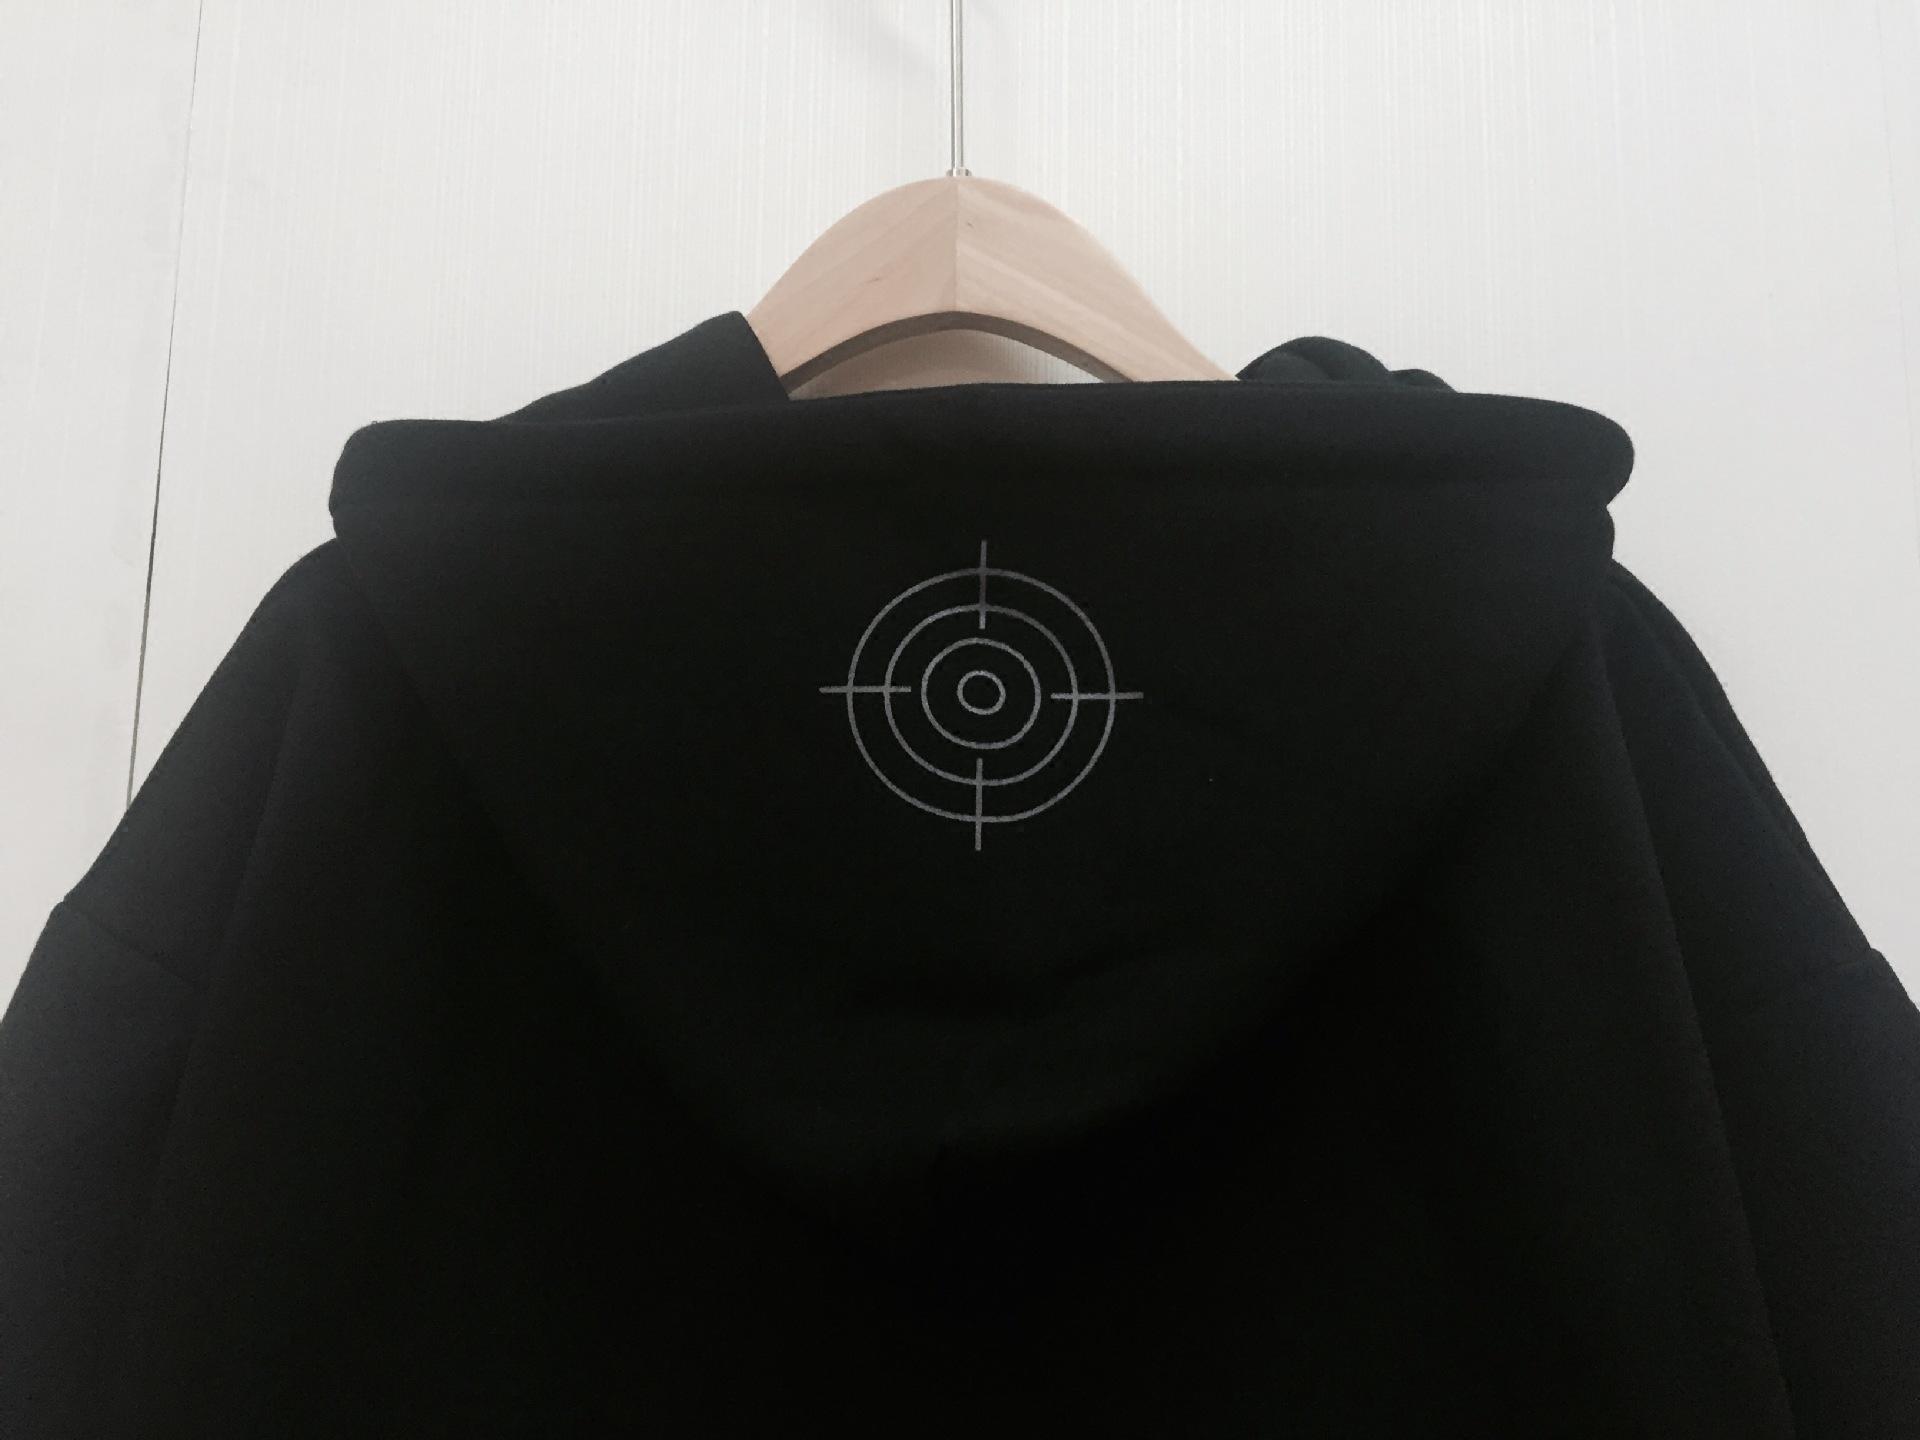 EXO吴亦凡同款卫衣时尚芭莎黑色假两件连帽宽松男女情侣外套衣服